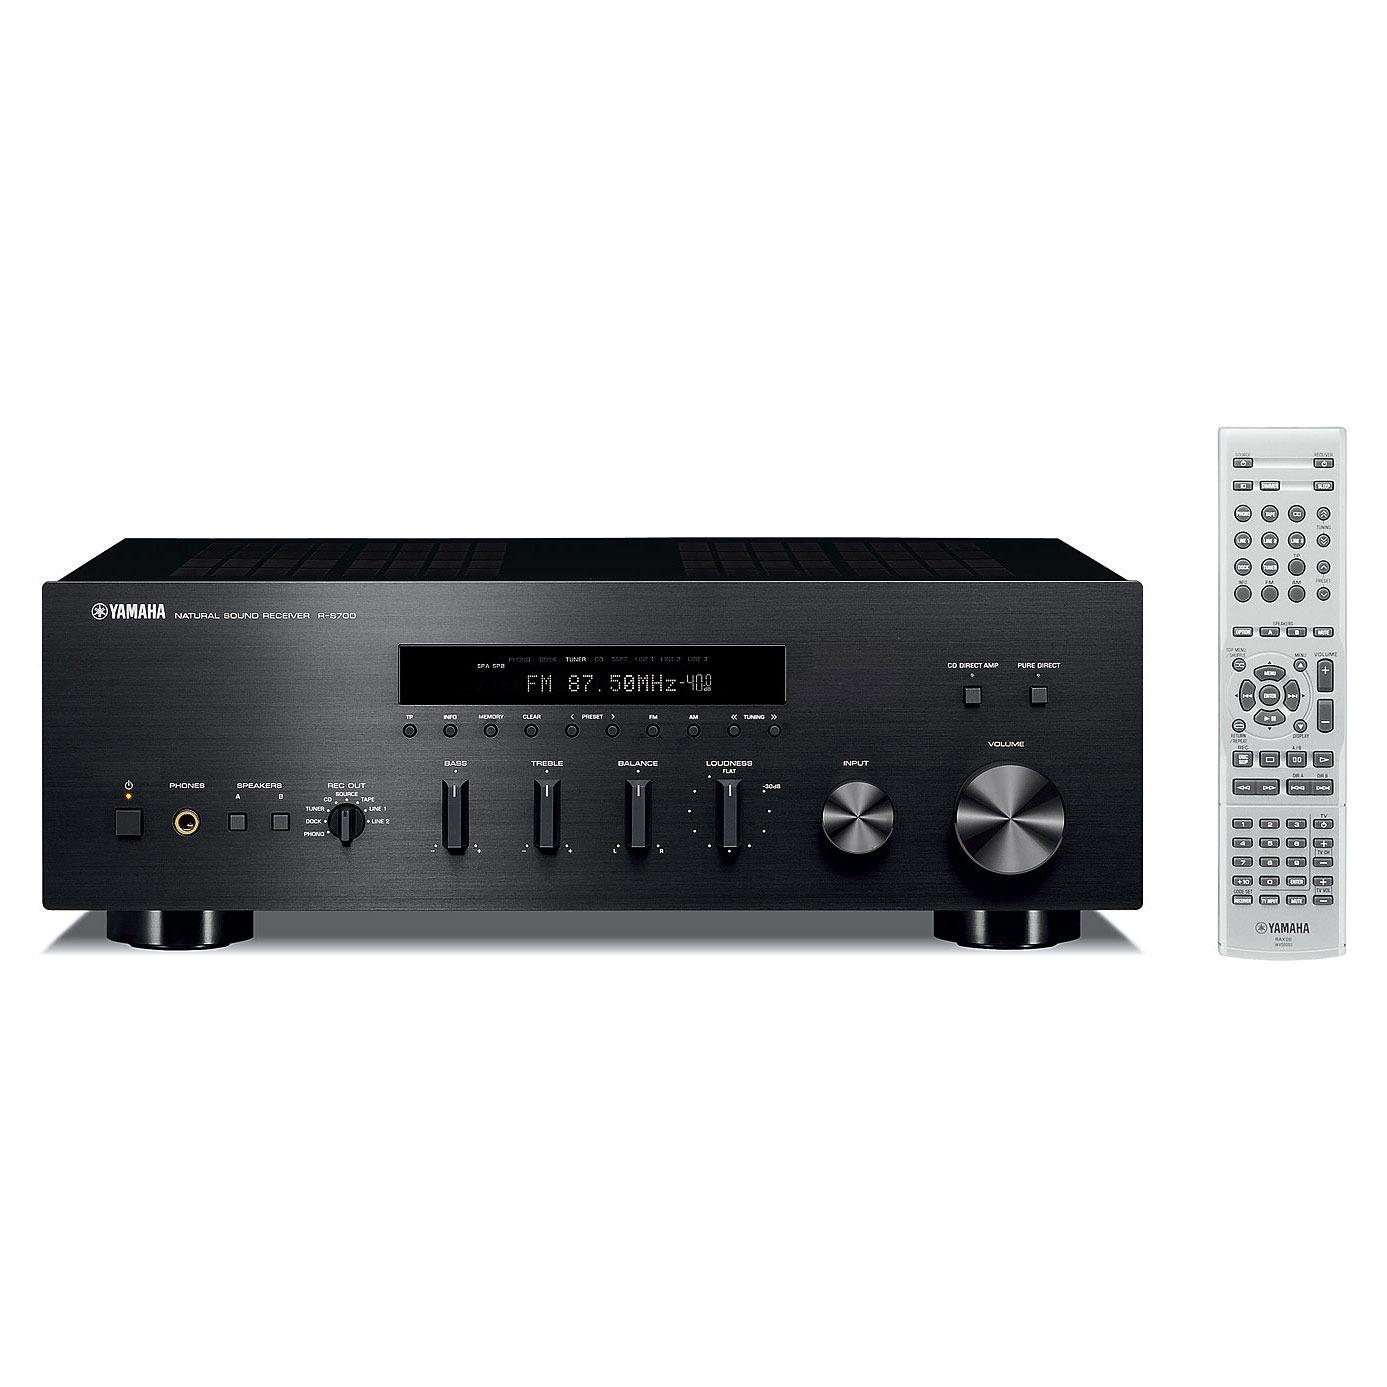 yamaha r s700 noir amplificateur hifi yamaha sur